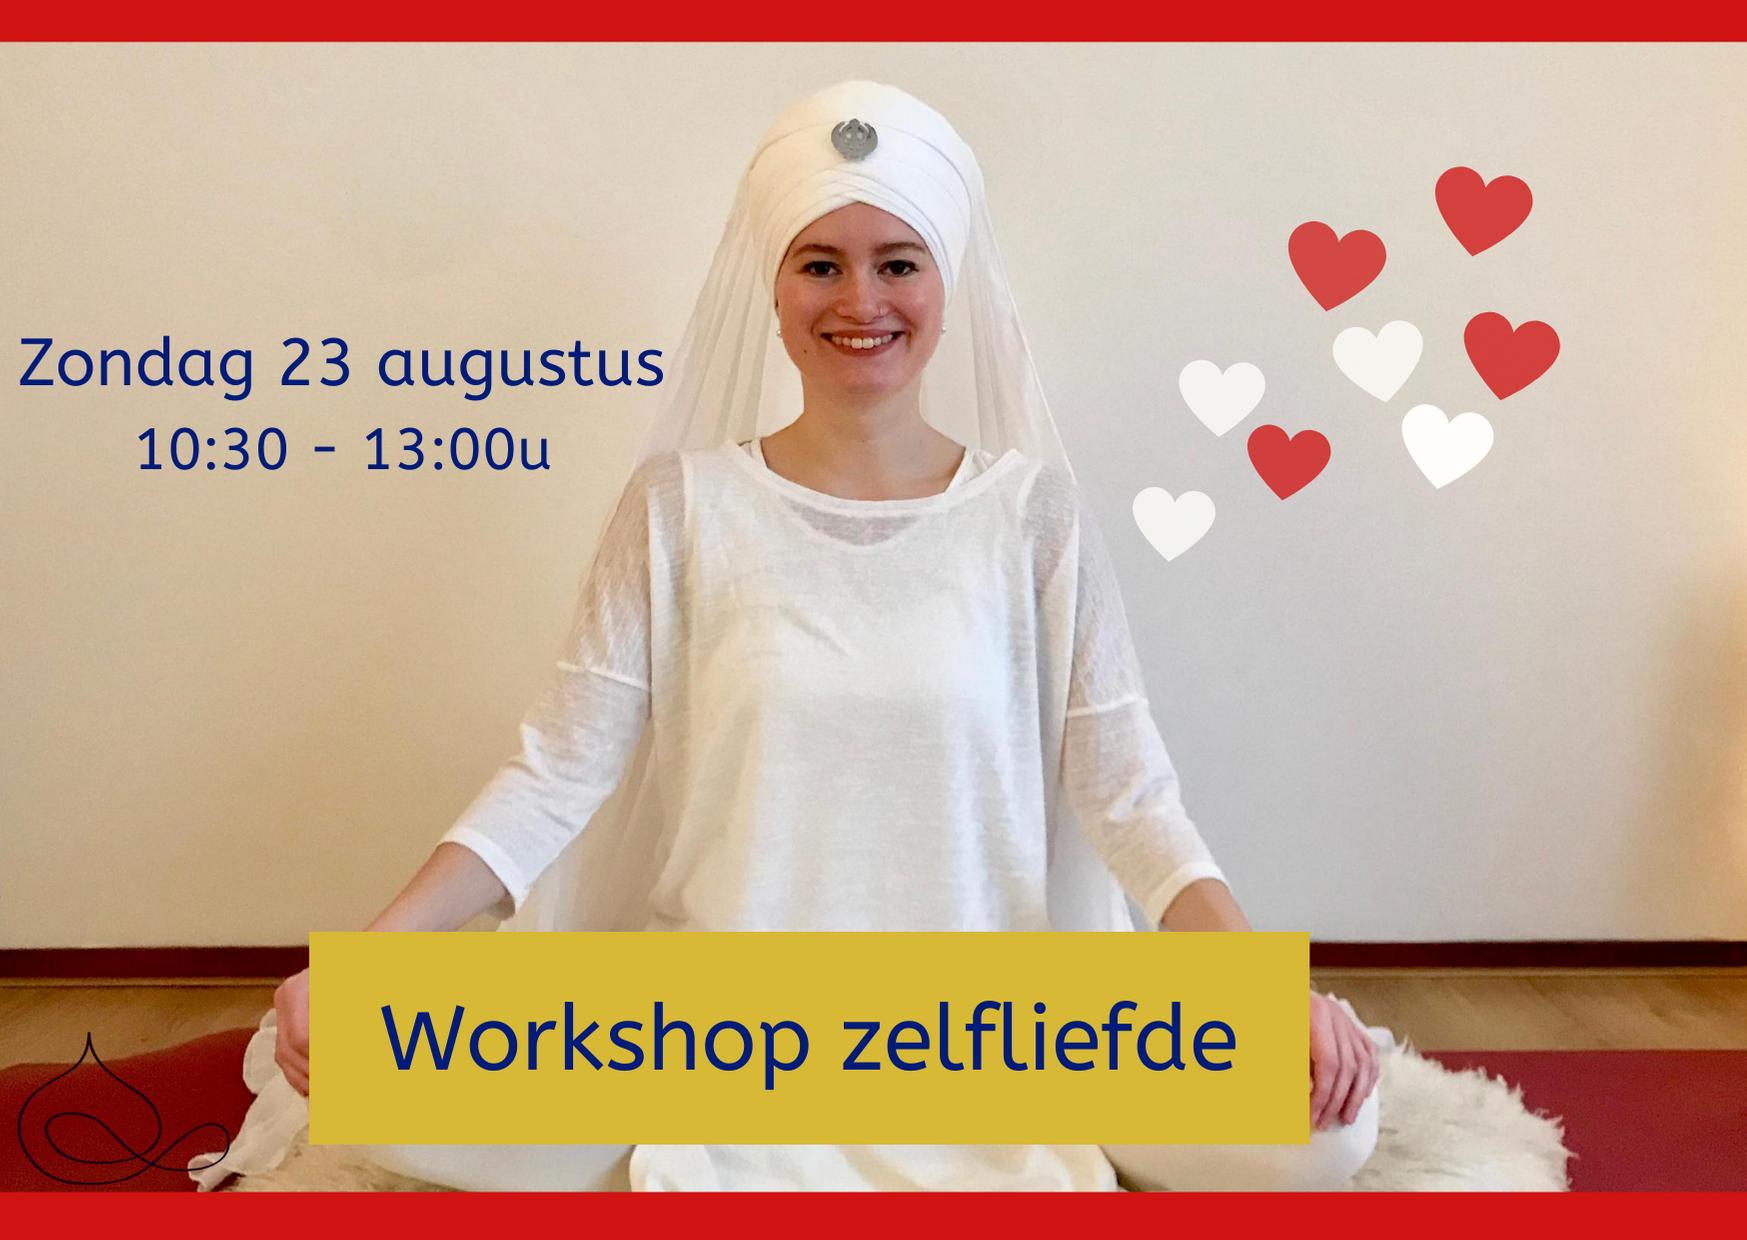 Workshop Zelfliefde